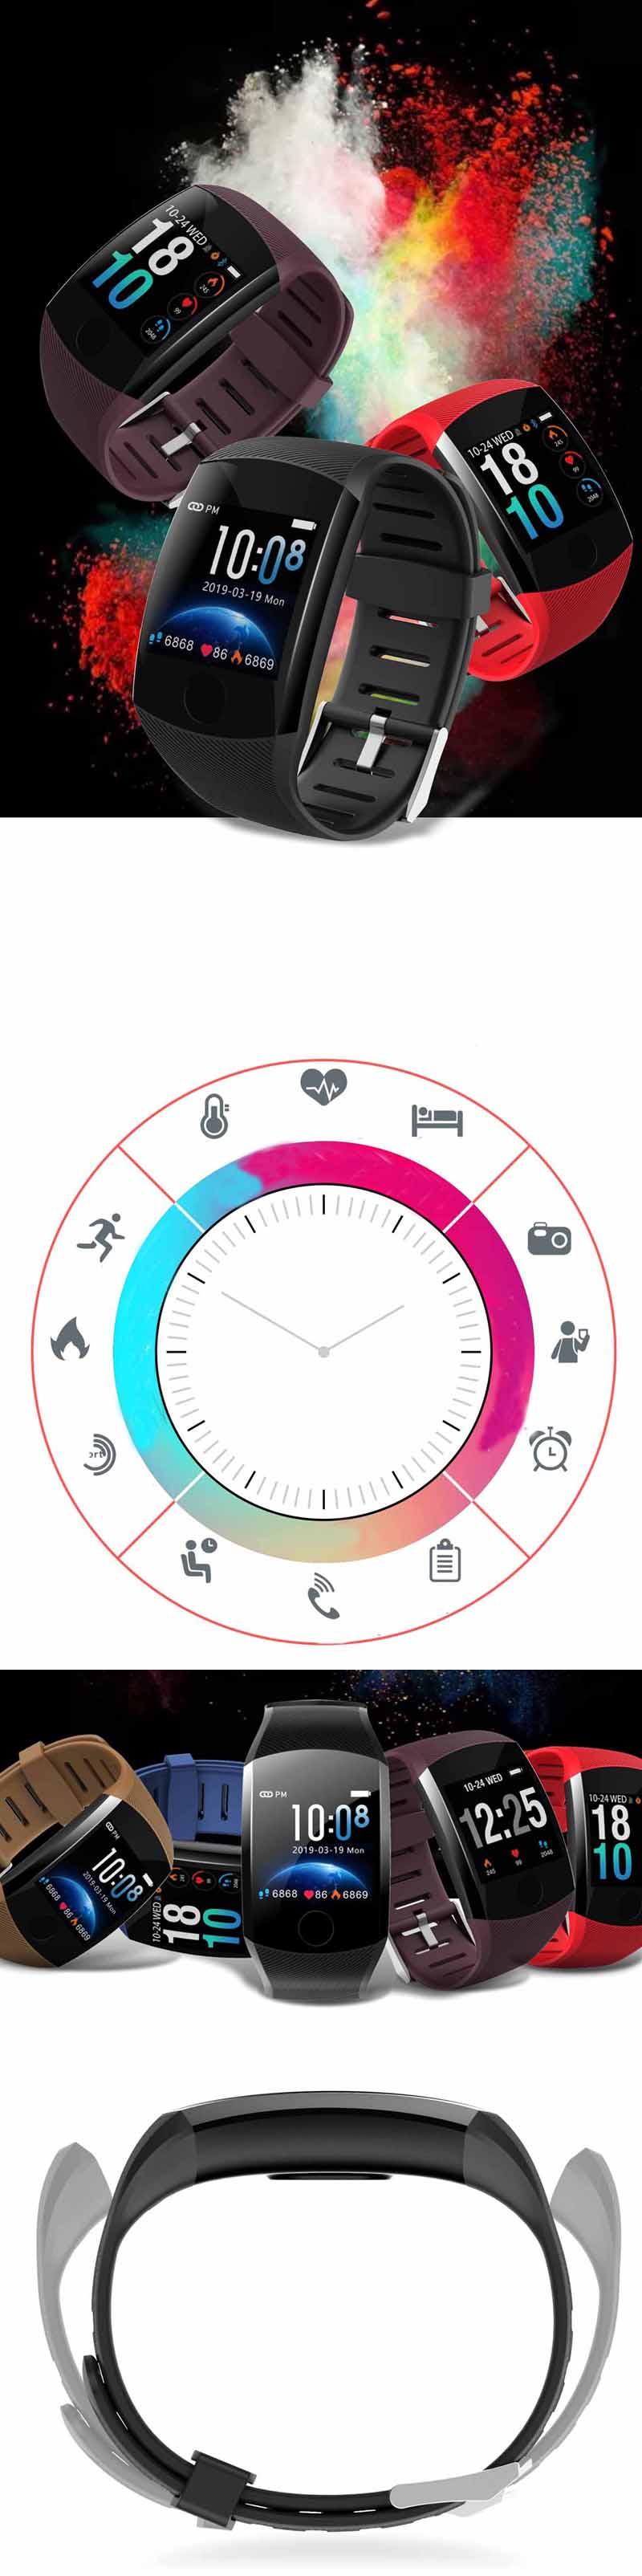 XANESQ111,3-дюймовыйсенсорныйэкранВодонепроницаемы Smart Watch Call Reject Фитнес Спортивный браслет - фото 2